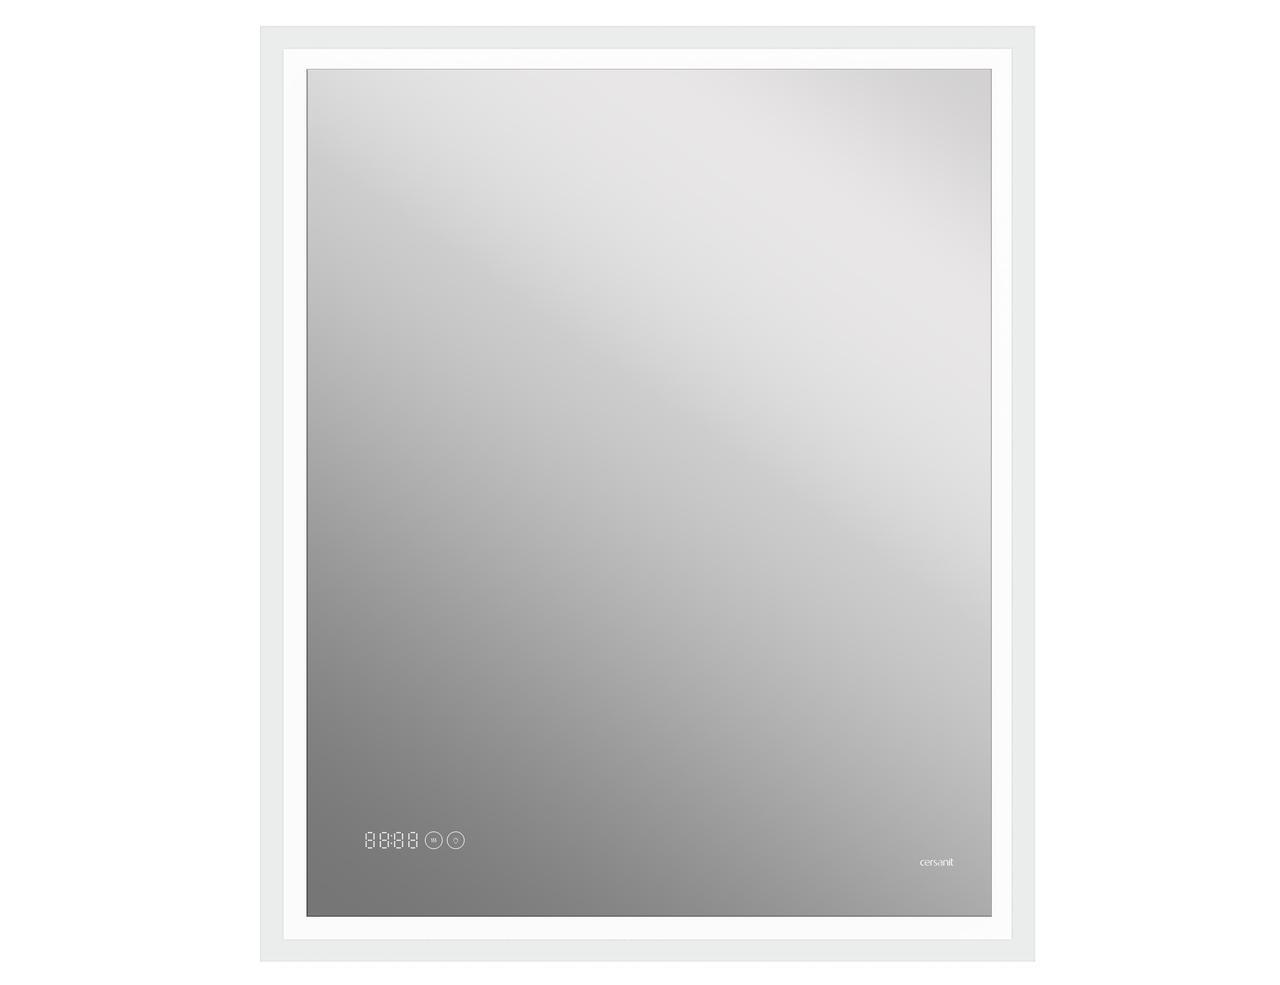 Зеркало LED 080 design pro 70x85 с подсветкой часы с антизапотеванием прямоугольное - фото 1